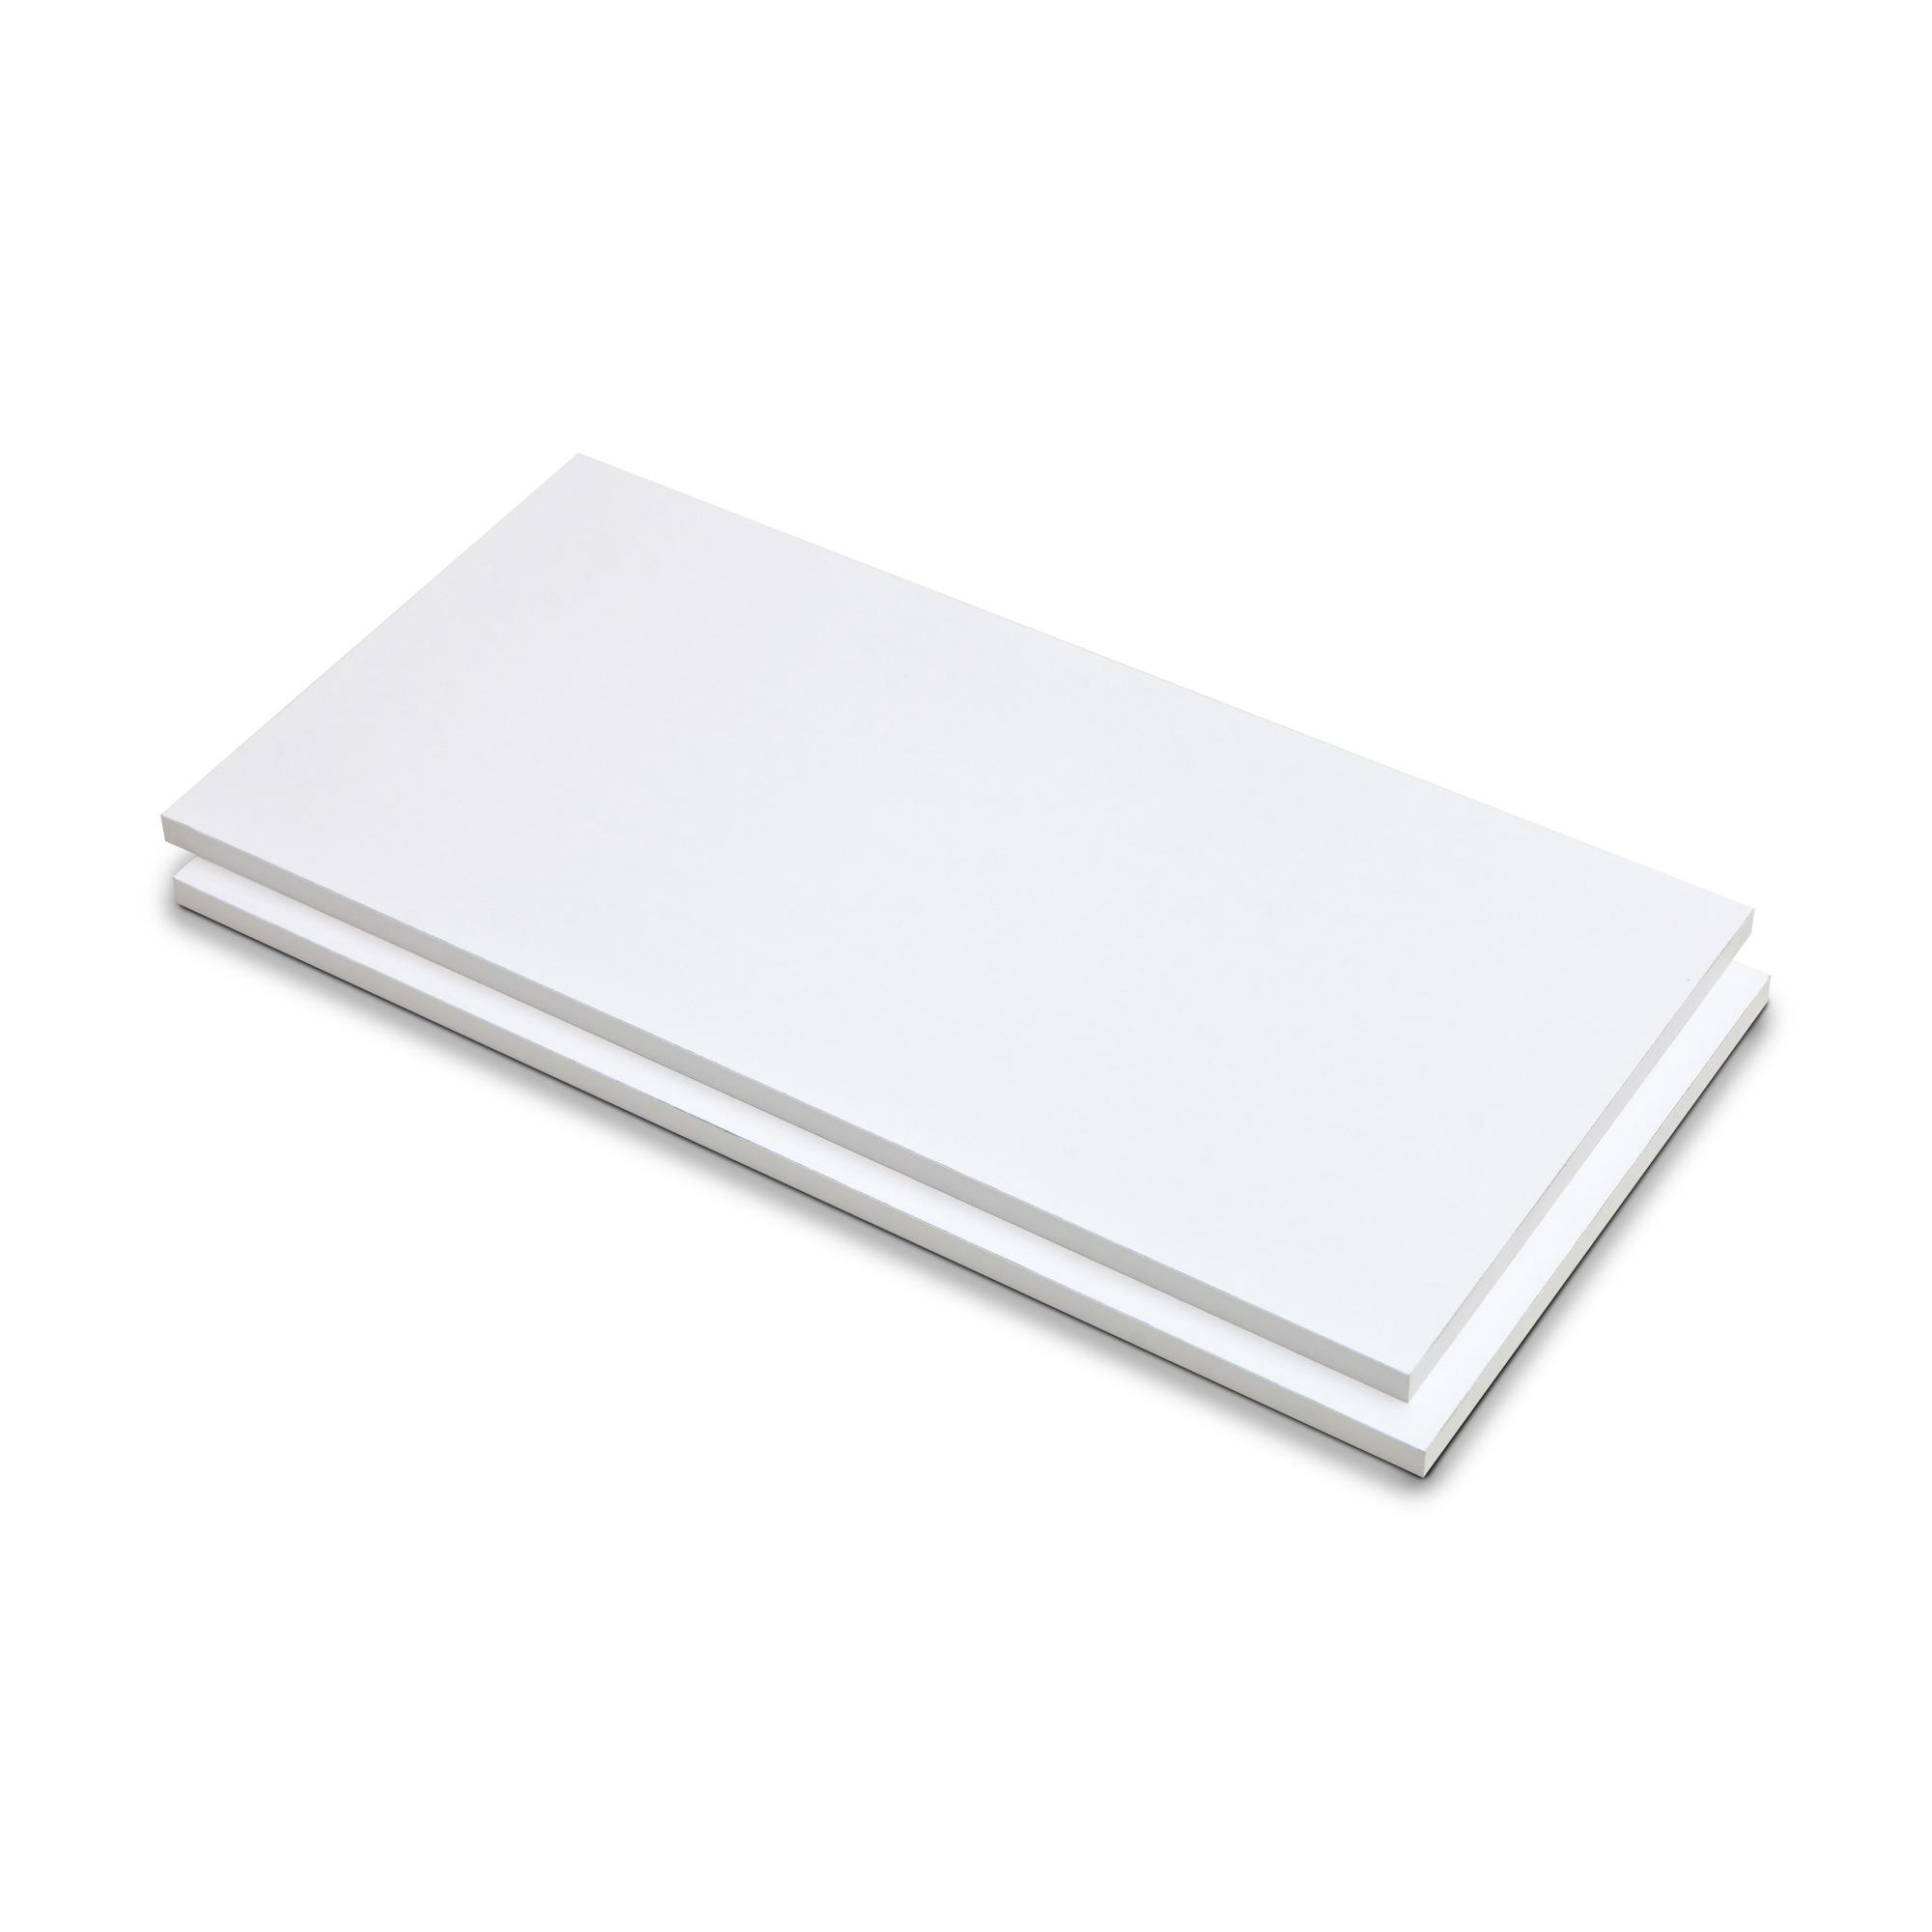 Prateleira de Madeira 30cm x 200cm Branco - Fico